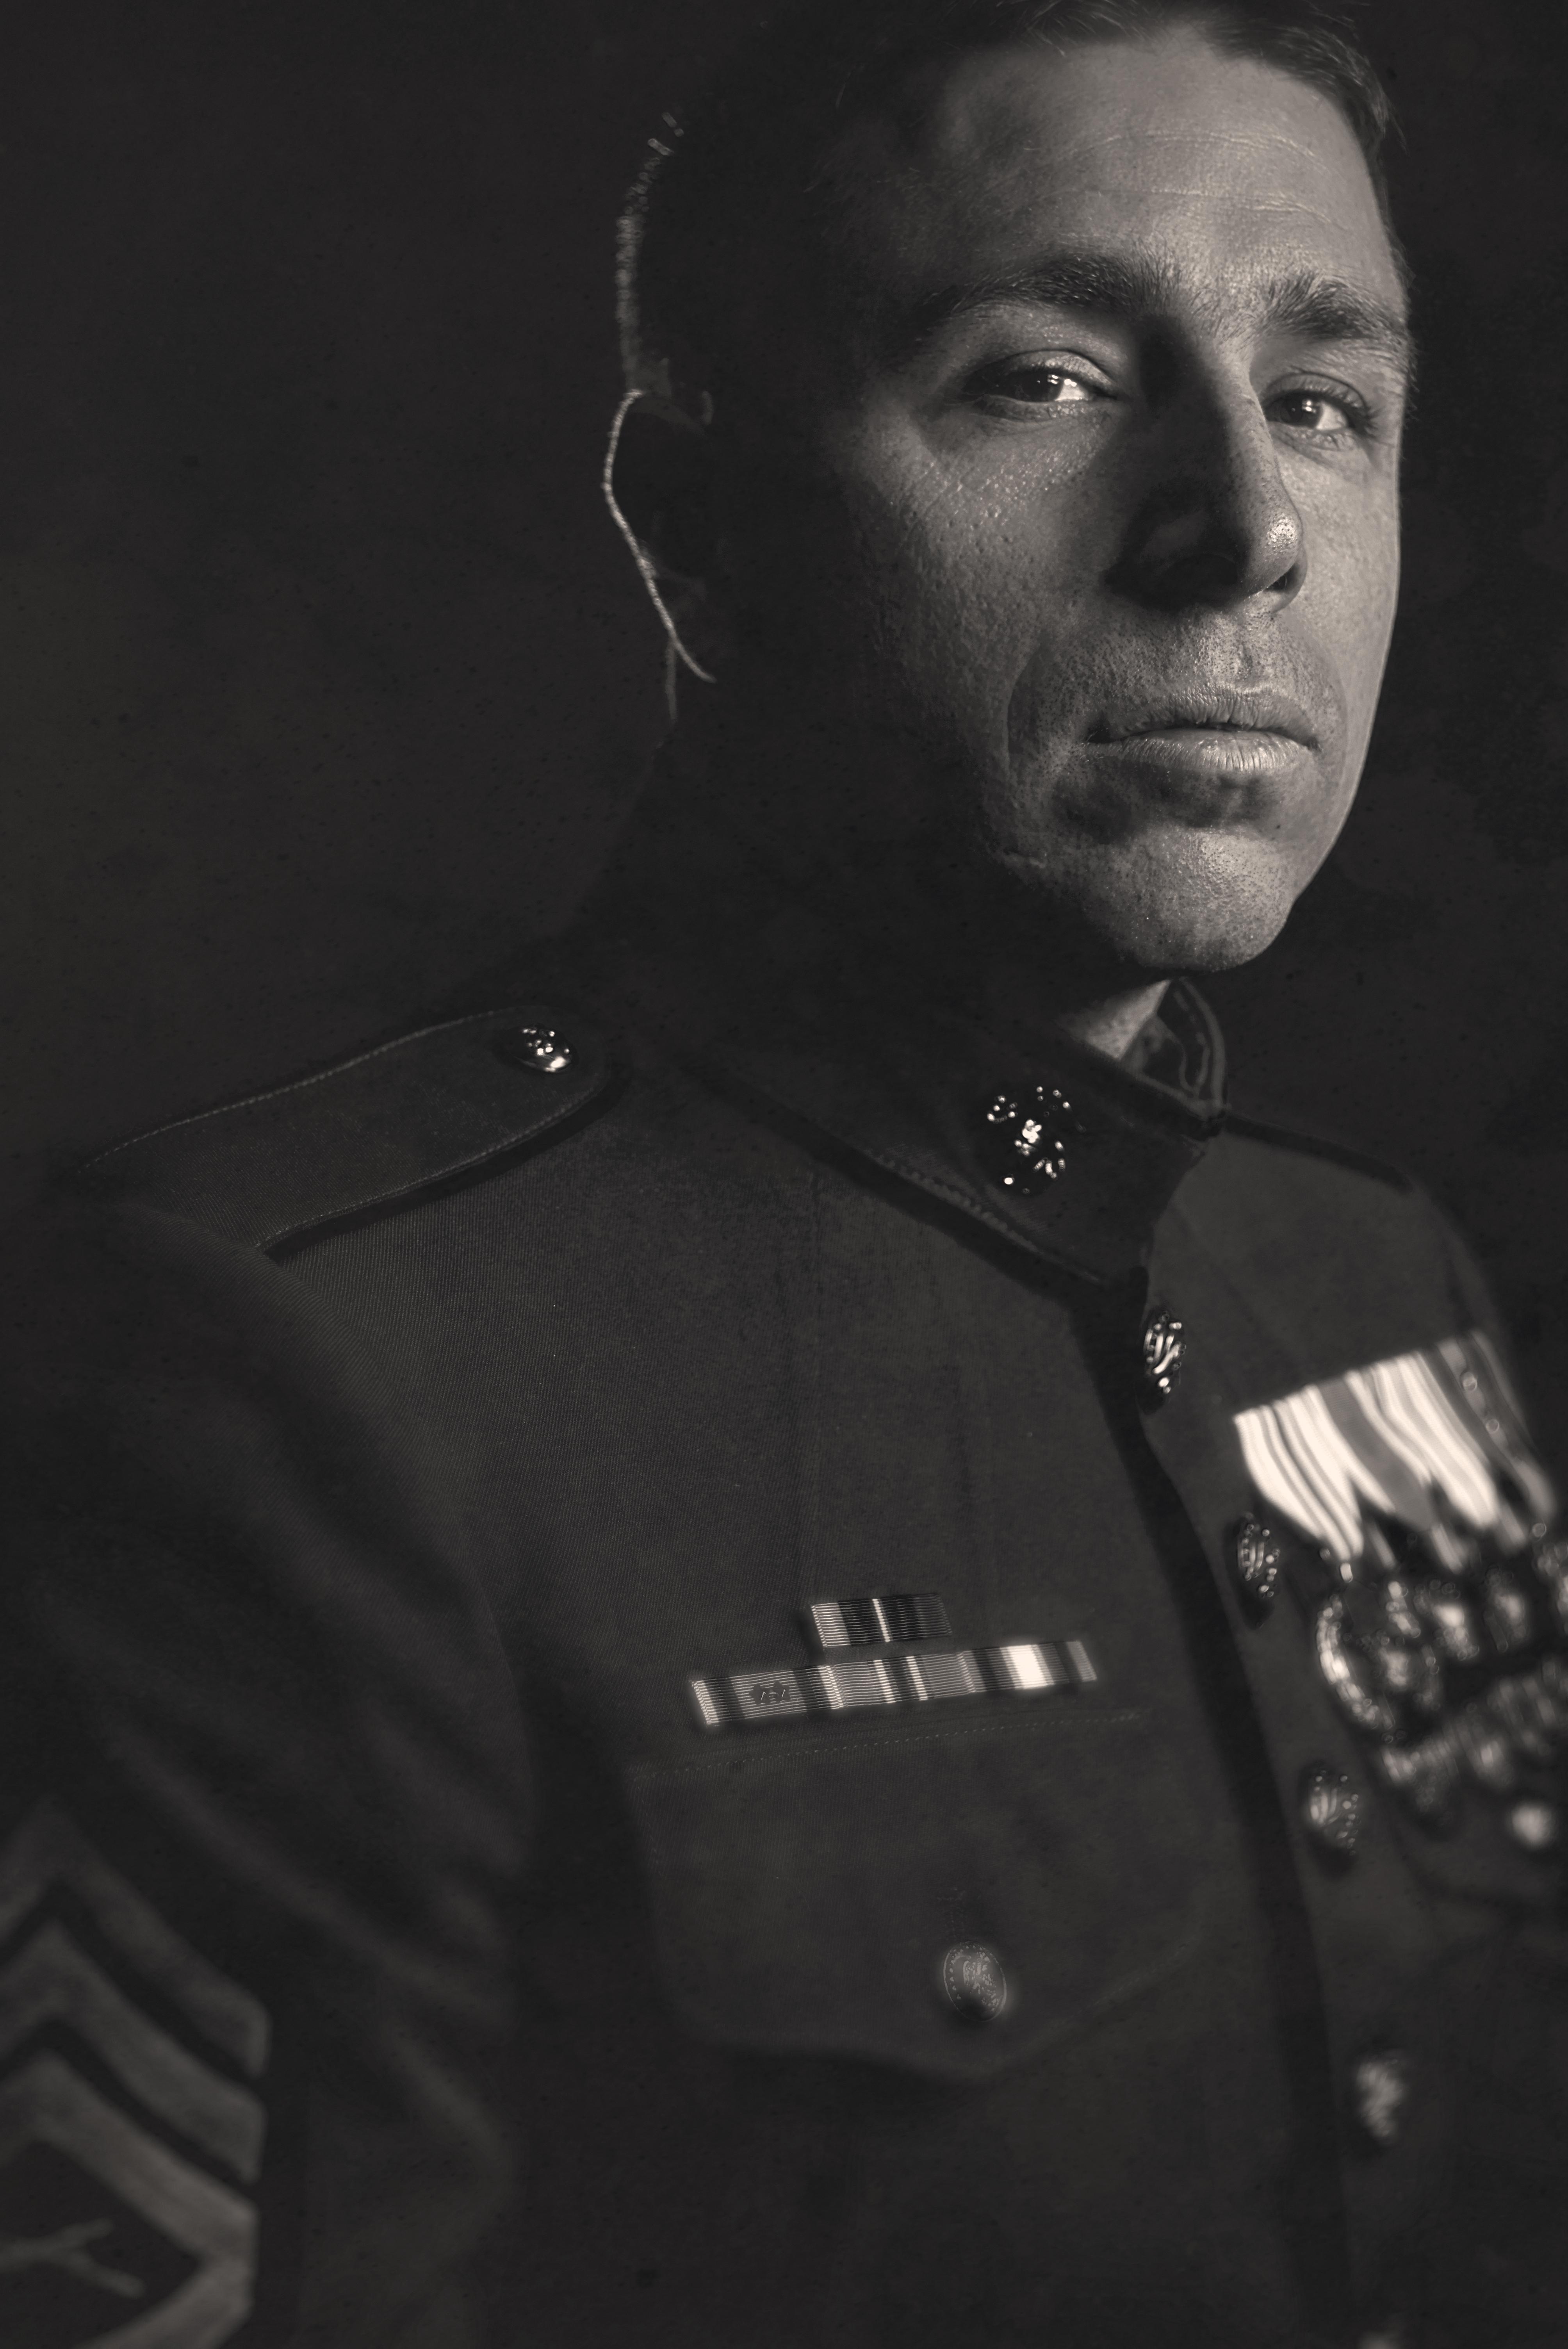 Joseph DiGirolamo